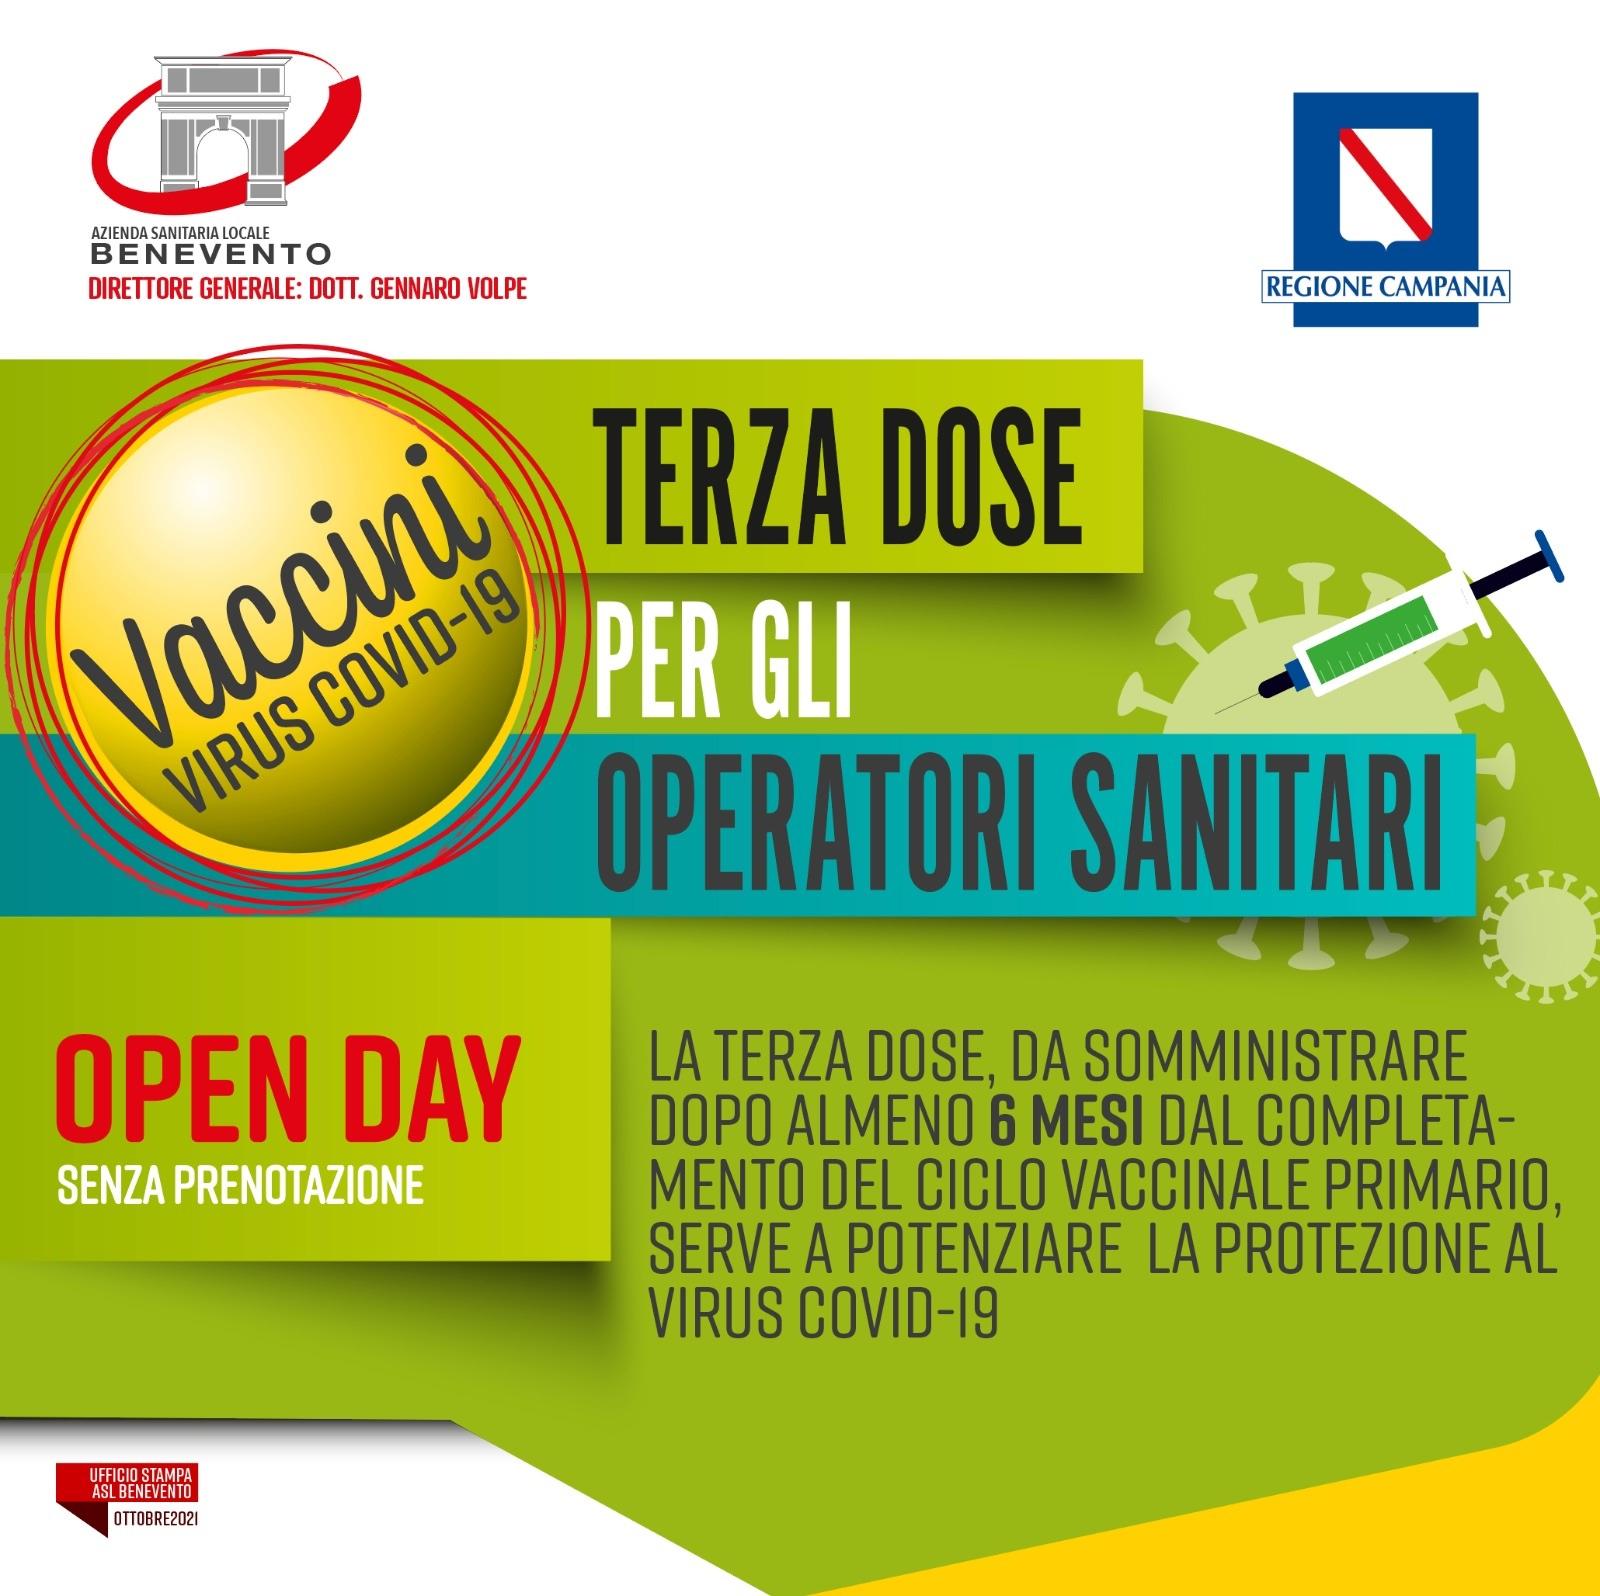 ASL BN: Open day terza dose anche per gli operatori sanitari